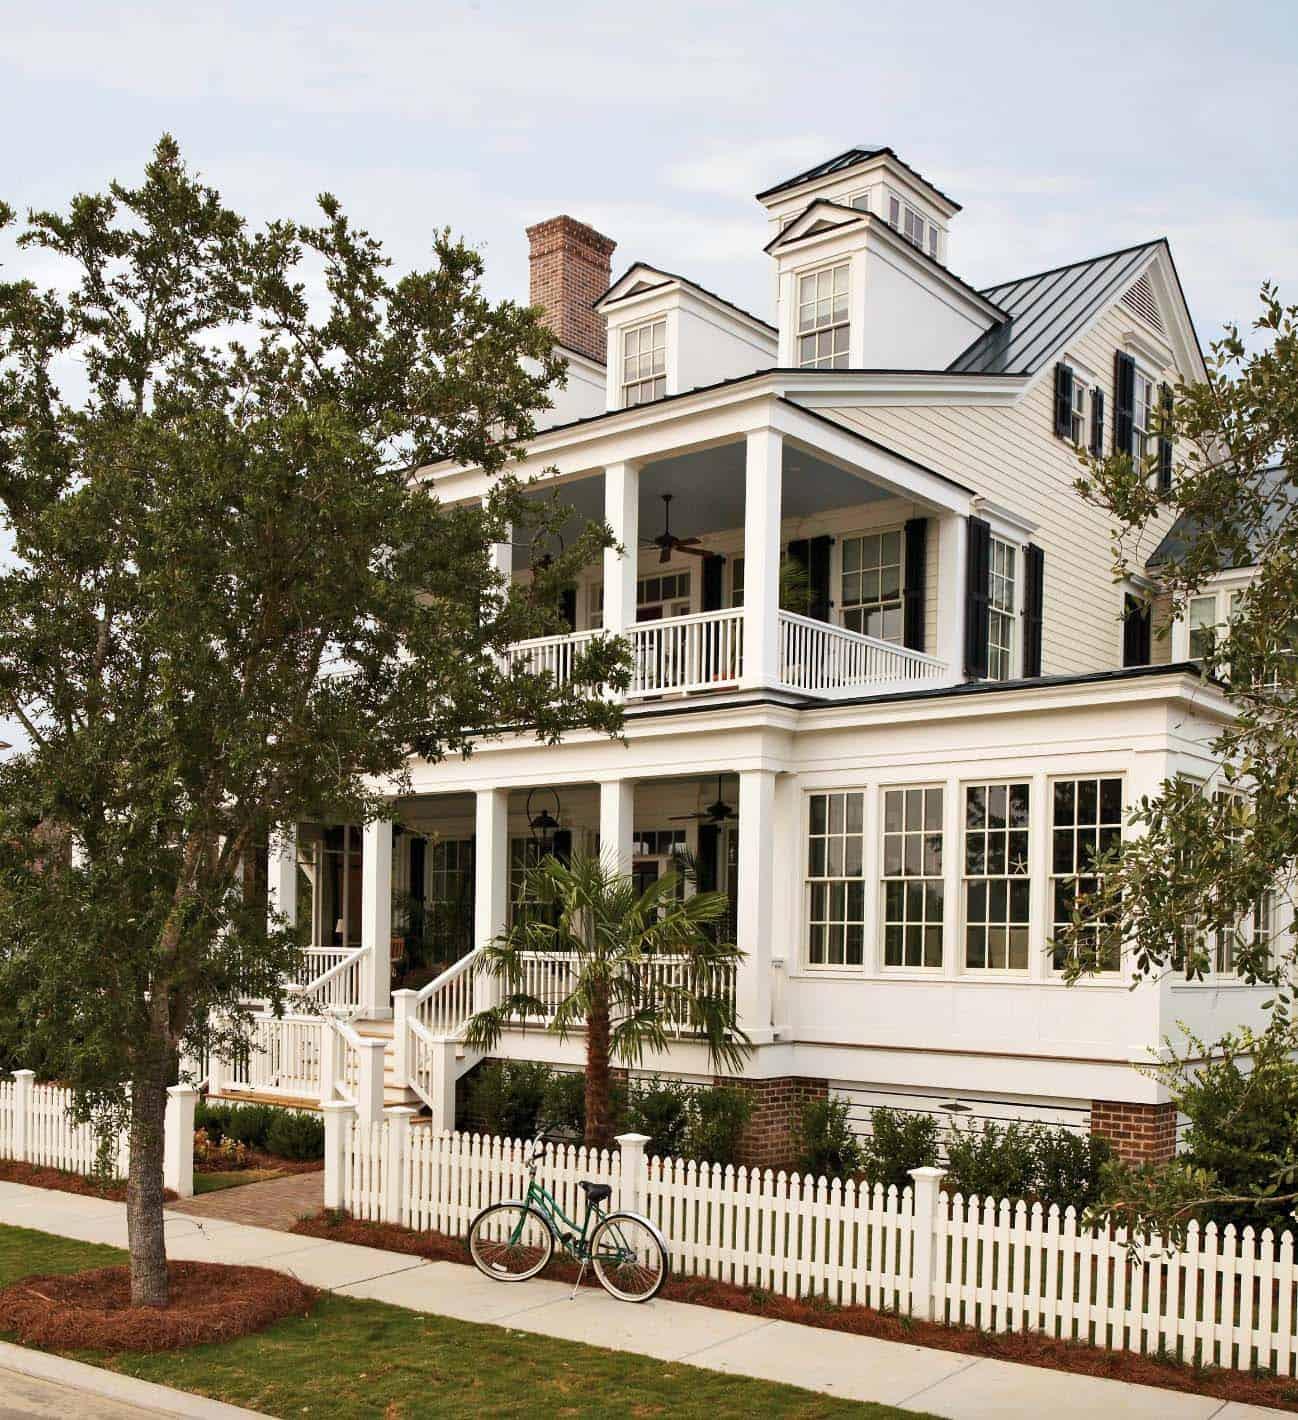 Maison traditionnelle de style côtier-Concepts historiques-19-1 Kindesign